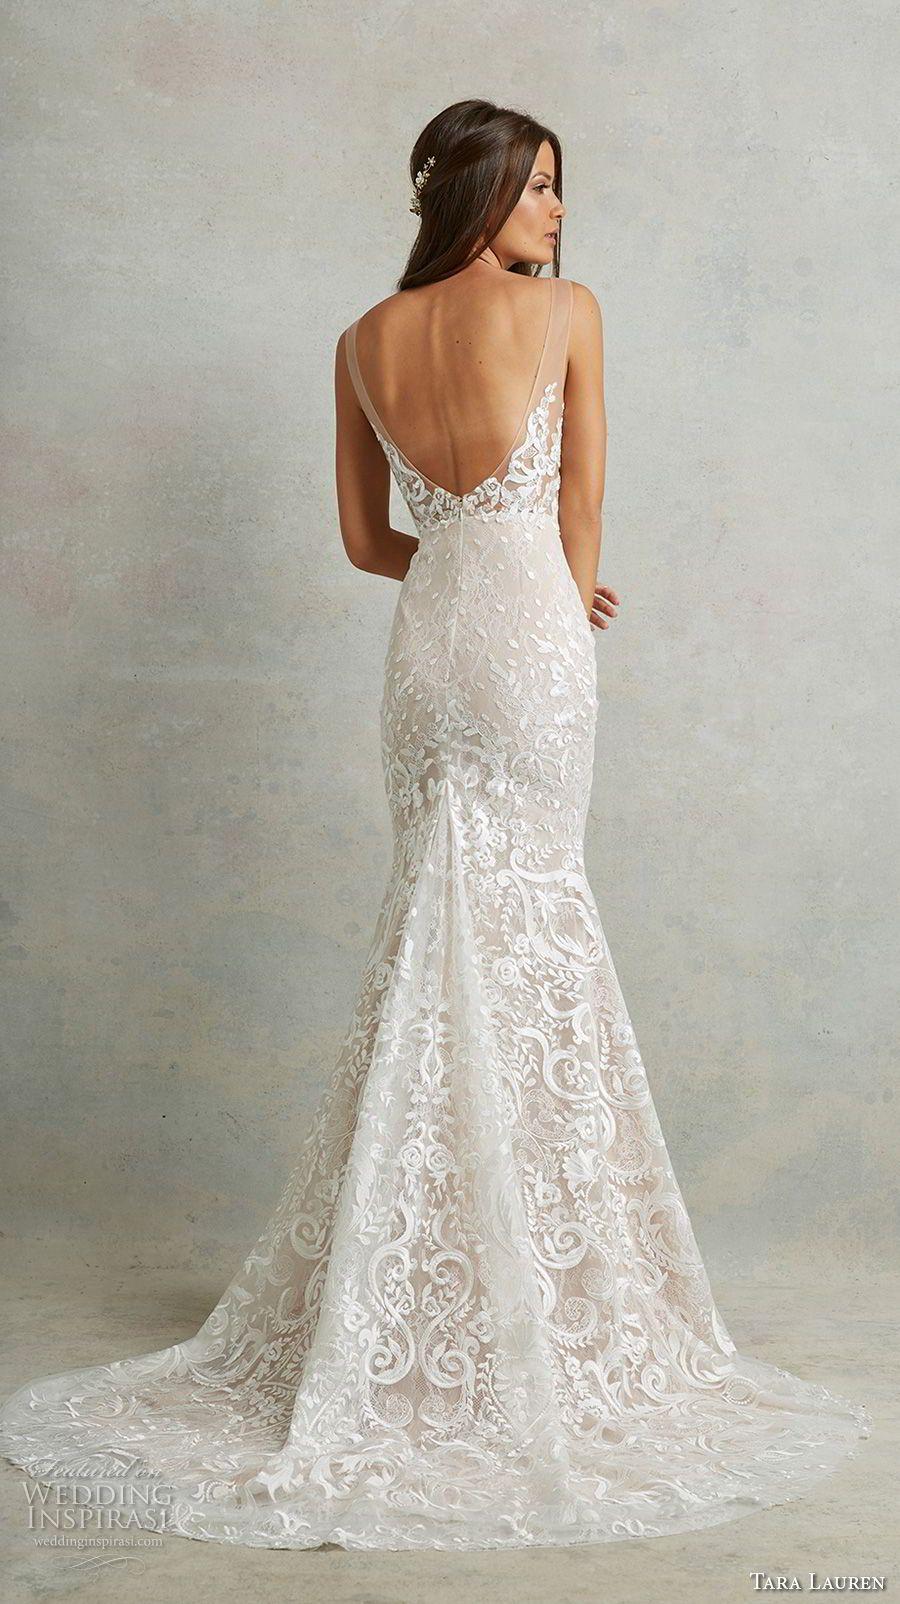 Berühmt öffnen Zurück Hochzeitskleider Bilder - Hochzeit Kleid Stile ...